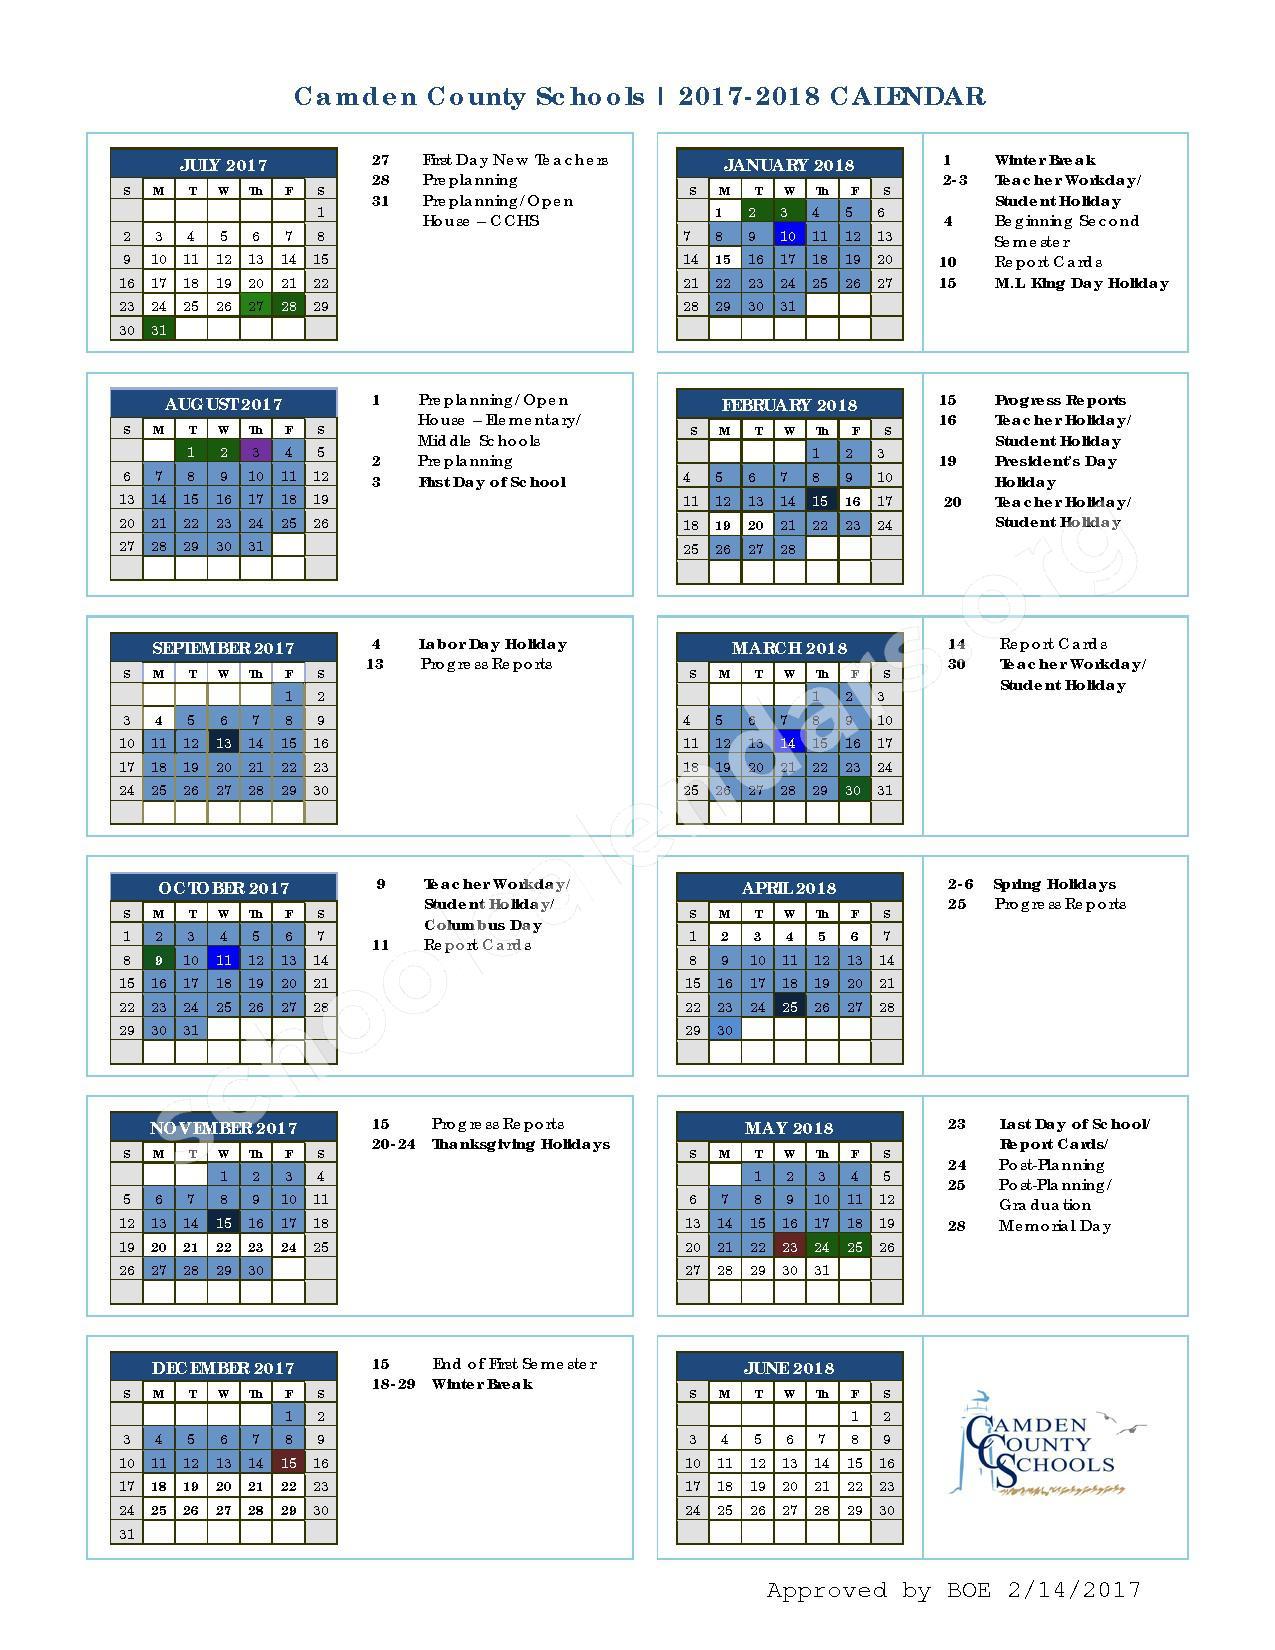 2017 - 2018 CCSD School Calendar – Camden County School District – page 1